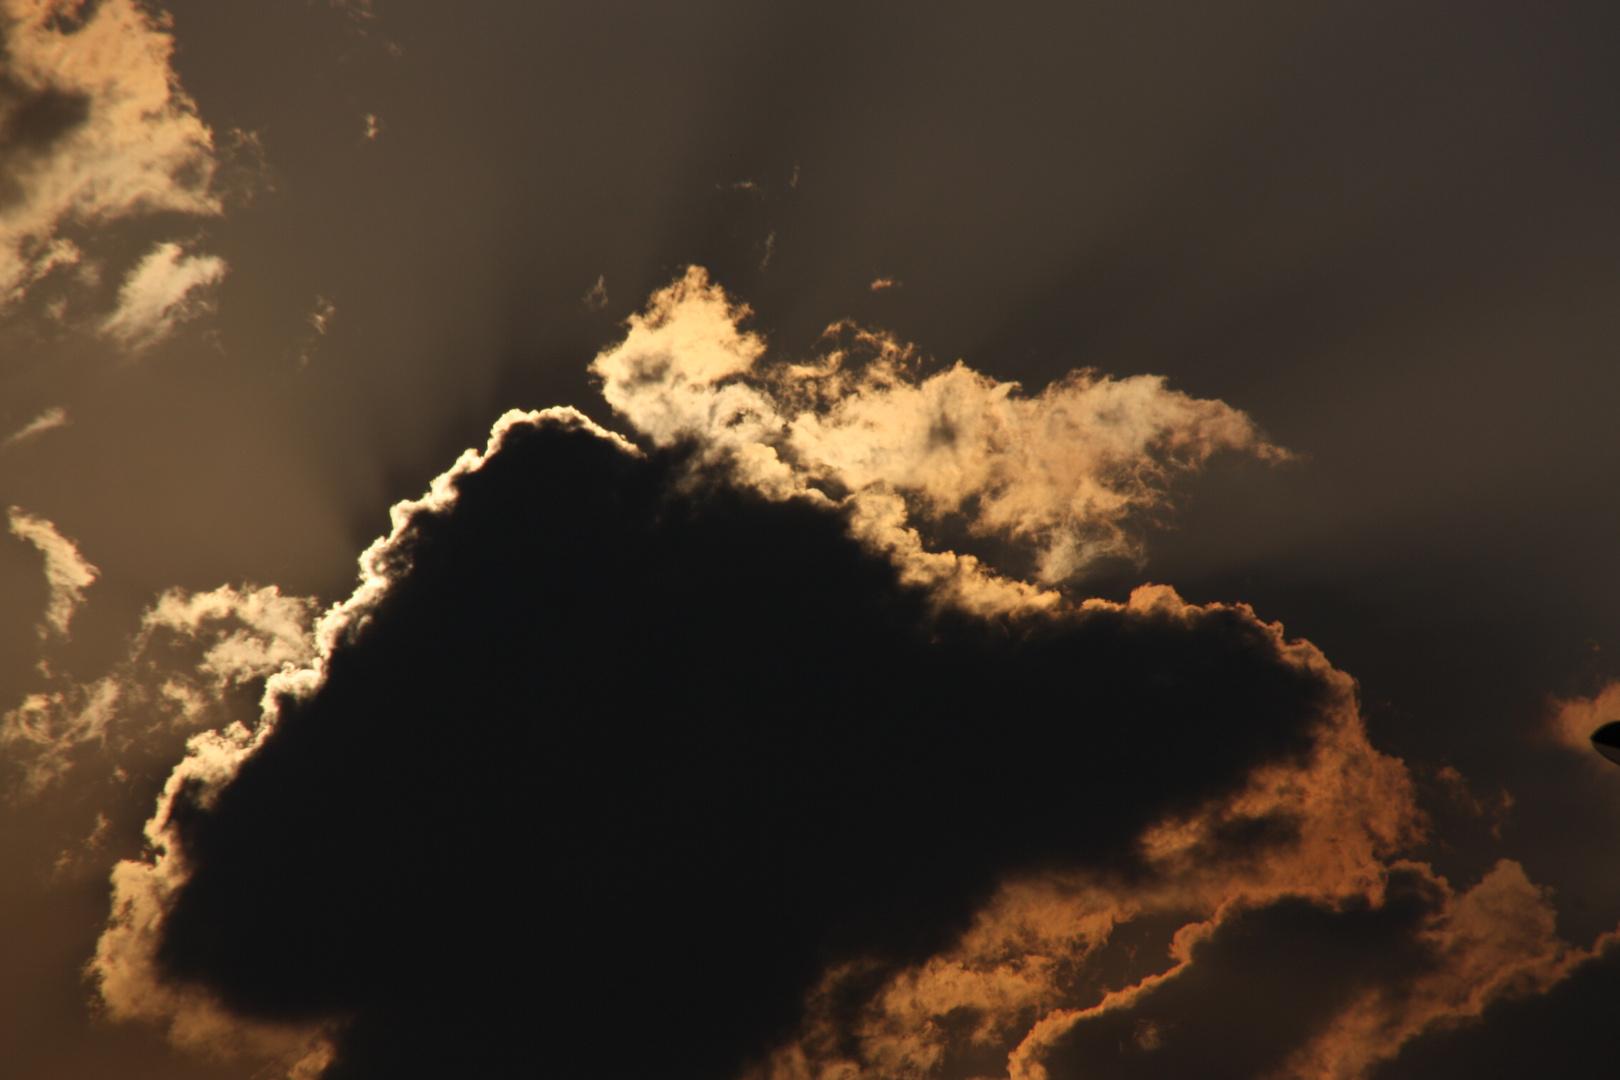 Wer versteckt sich denn da hinter der Wolke?